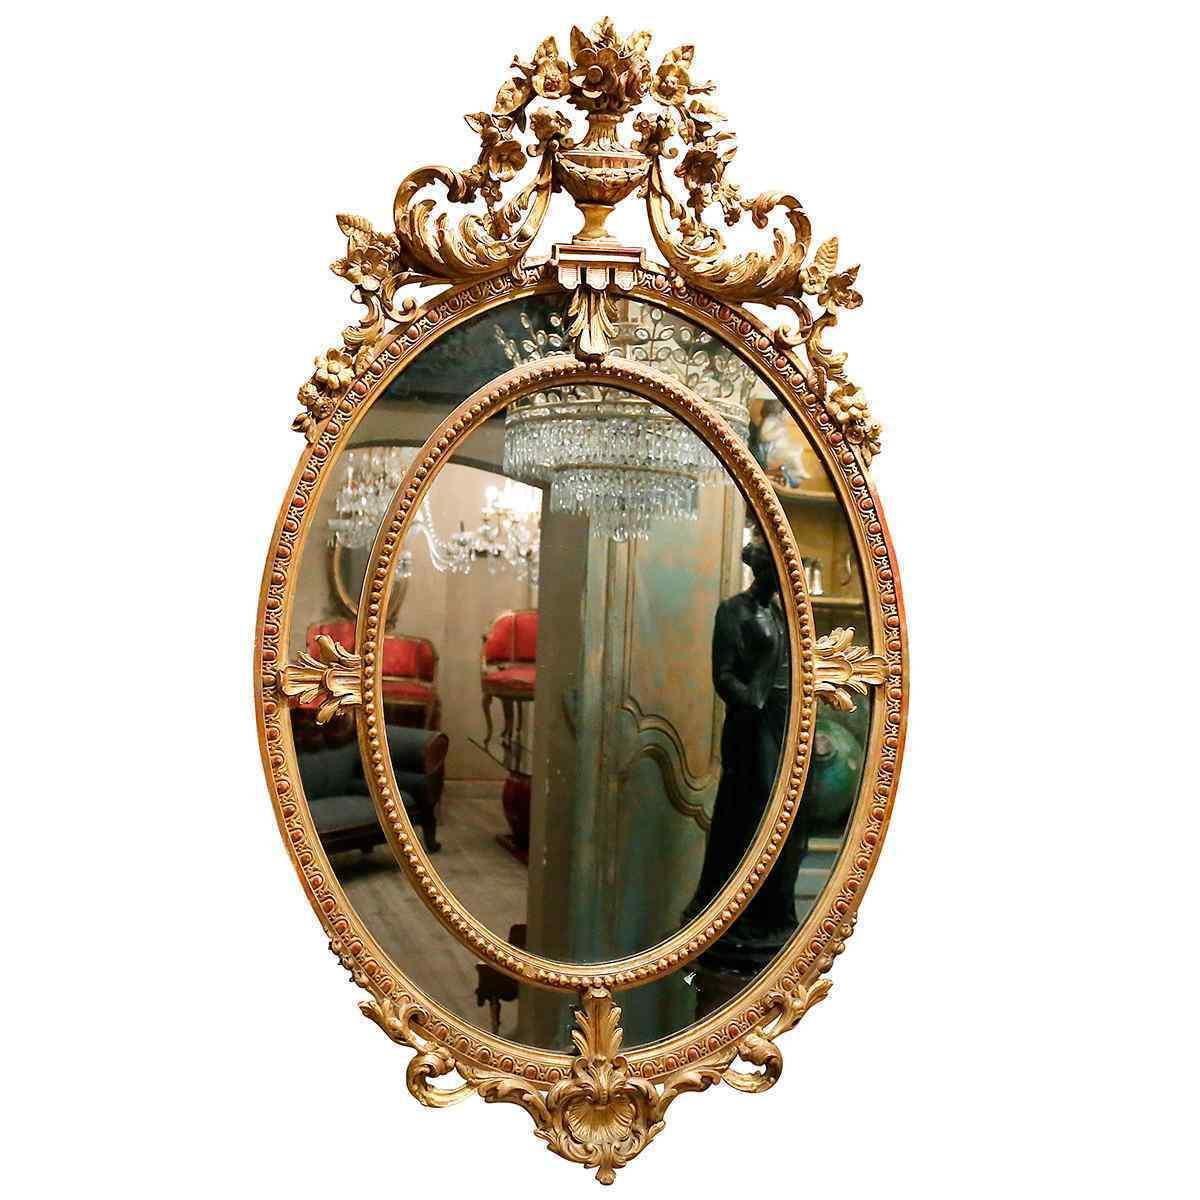 Uno specchio dal periodo Napoleone III